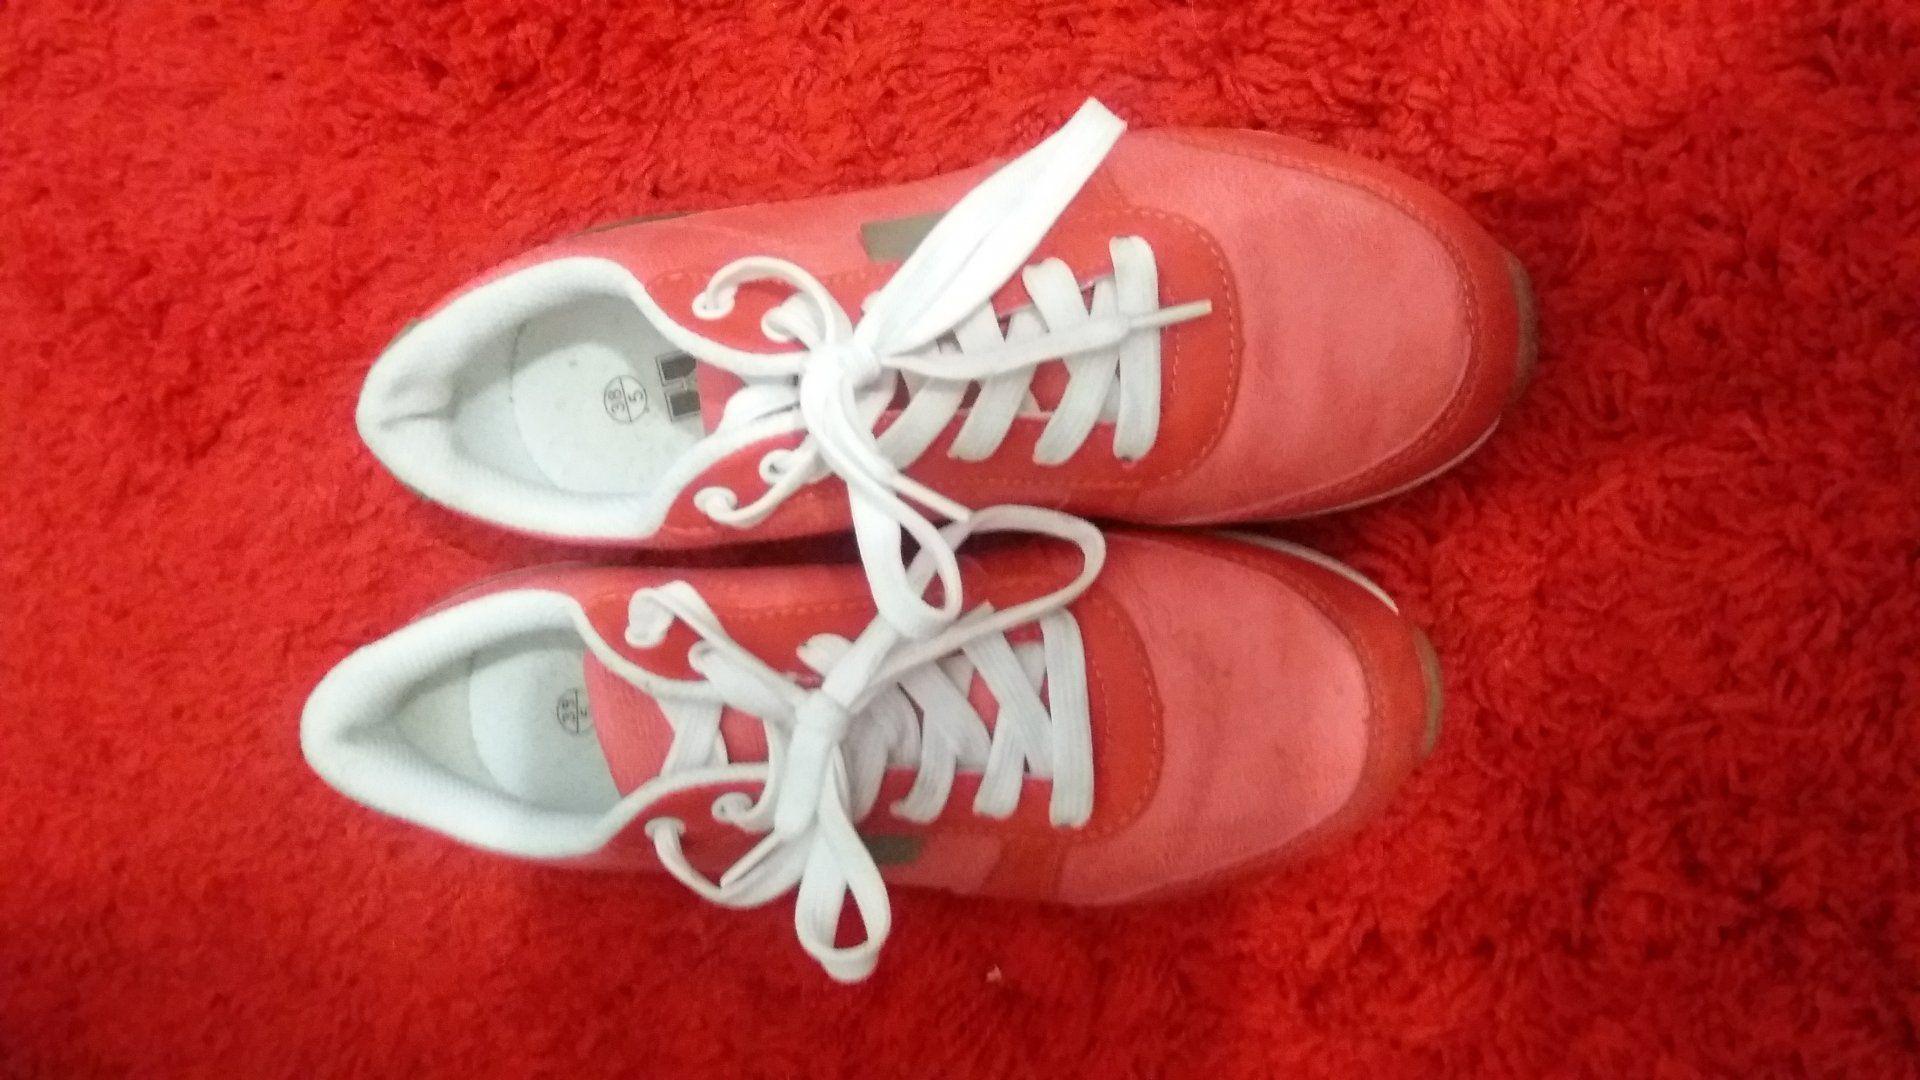 10,00€ · zapatos deportivos · vendo por no emlearlos. muy comodos.azules talla 37. rosa talla 38 · Moda y complementos > Zapatos > Zapatos de mujer > Otros zapatos de mujer